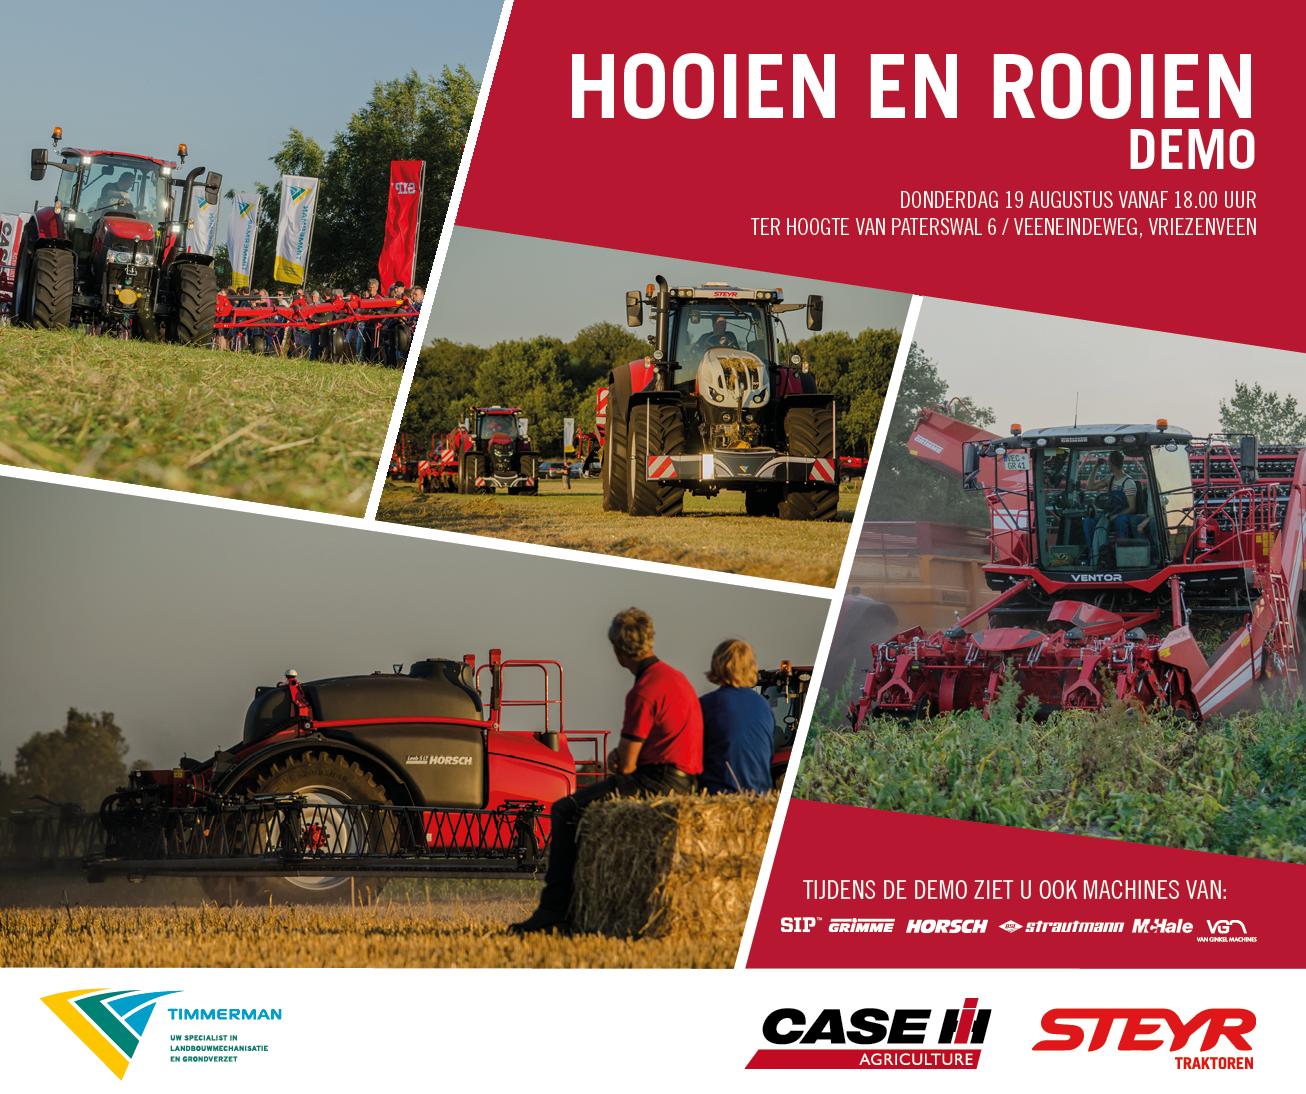 _TIMMERMAN-Hooien-en-Rooien-Demonstratie-donderdag-19-augustus-vanaf-18-00-uur-in-Vriezenveen.jpg